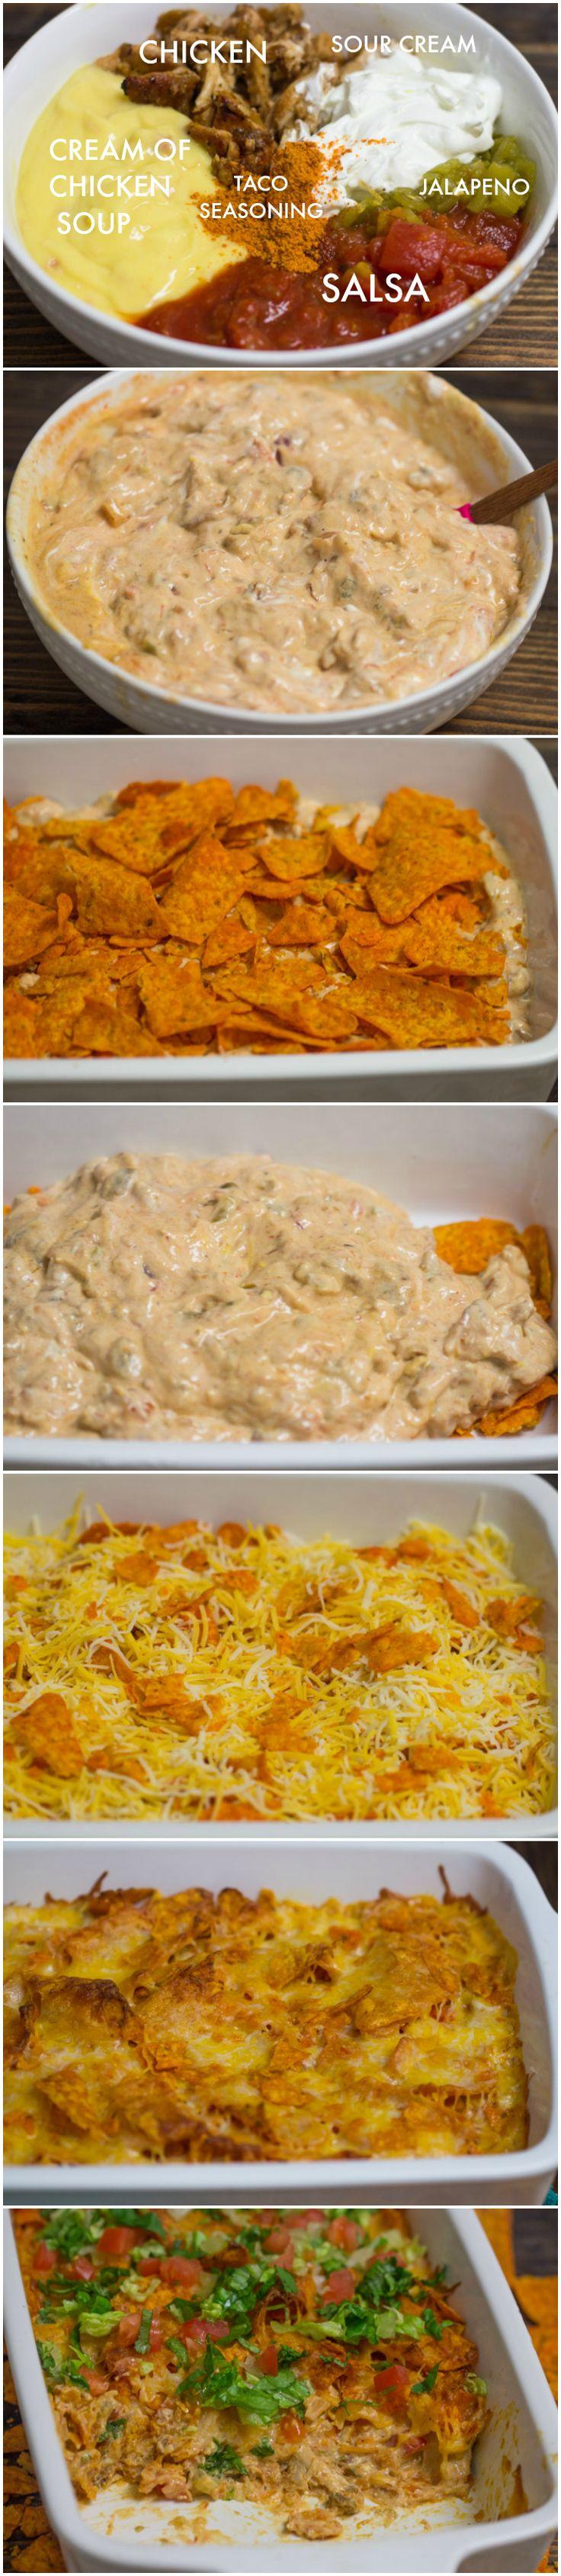 Doritos cazuela de pollo  Autor: Layla Sirve: 8 ingredientes  11 onzas nachos de queso (de cualquier marca) 2 tazas de pollo cocido desmenuzado 1 taza de crema agria 1 taza de salsa o 1 pueden de Ro * Tel tomates y chiles 1 lata de crema de sopa de pollo 8 onzas de queso cheddar rallado 1 cucharada de condimento para tacos Instrucciones  Precalentar el horno a 375F. En un tazón grande, combine el pollo desmenuzado, crema agria, salsa, crema de sopa de pollo, la mitad del queso y de…